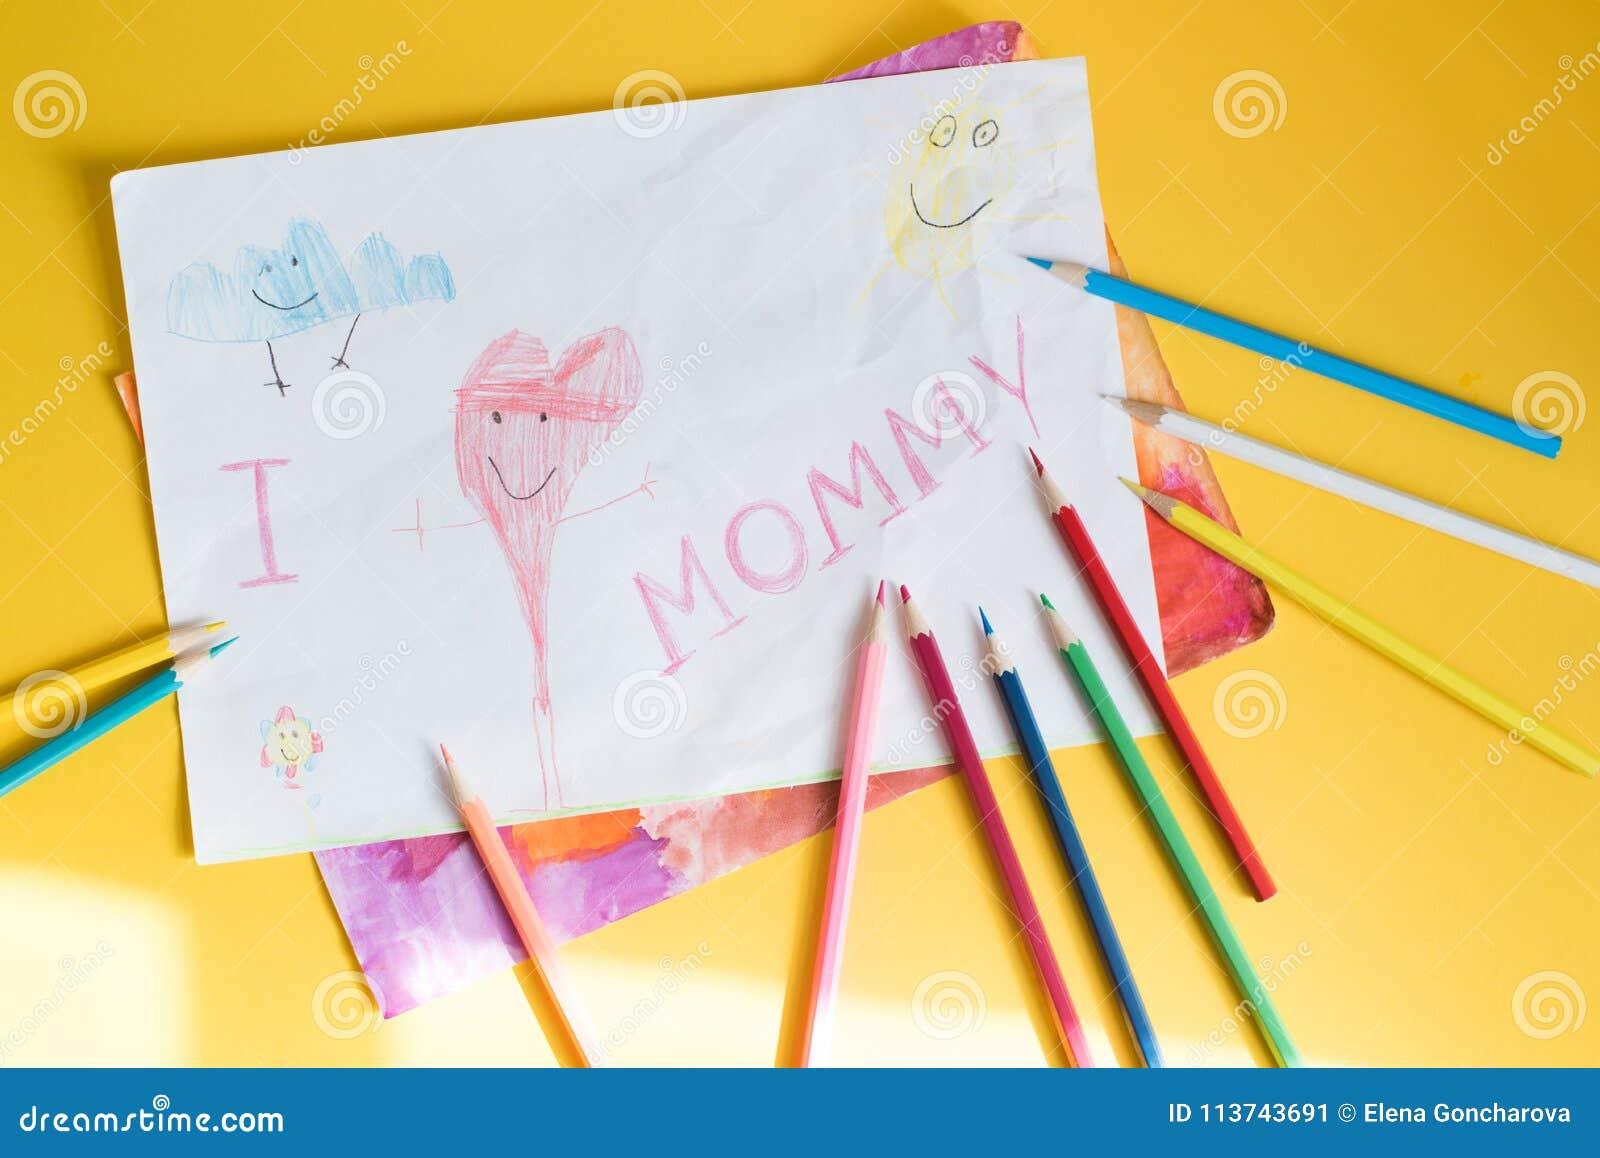 Dessin D Enfant Pour La Maman Image Stock Image Du